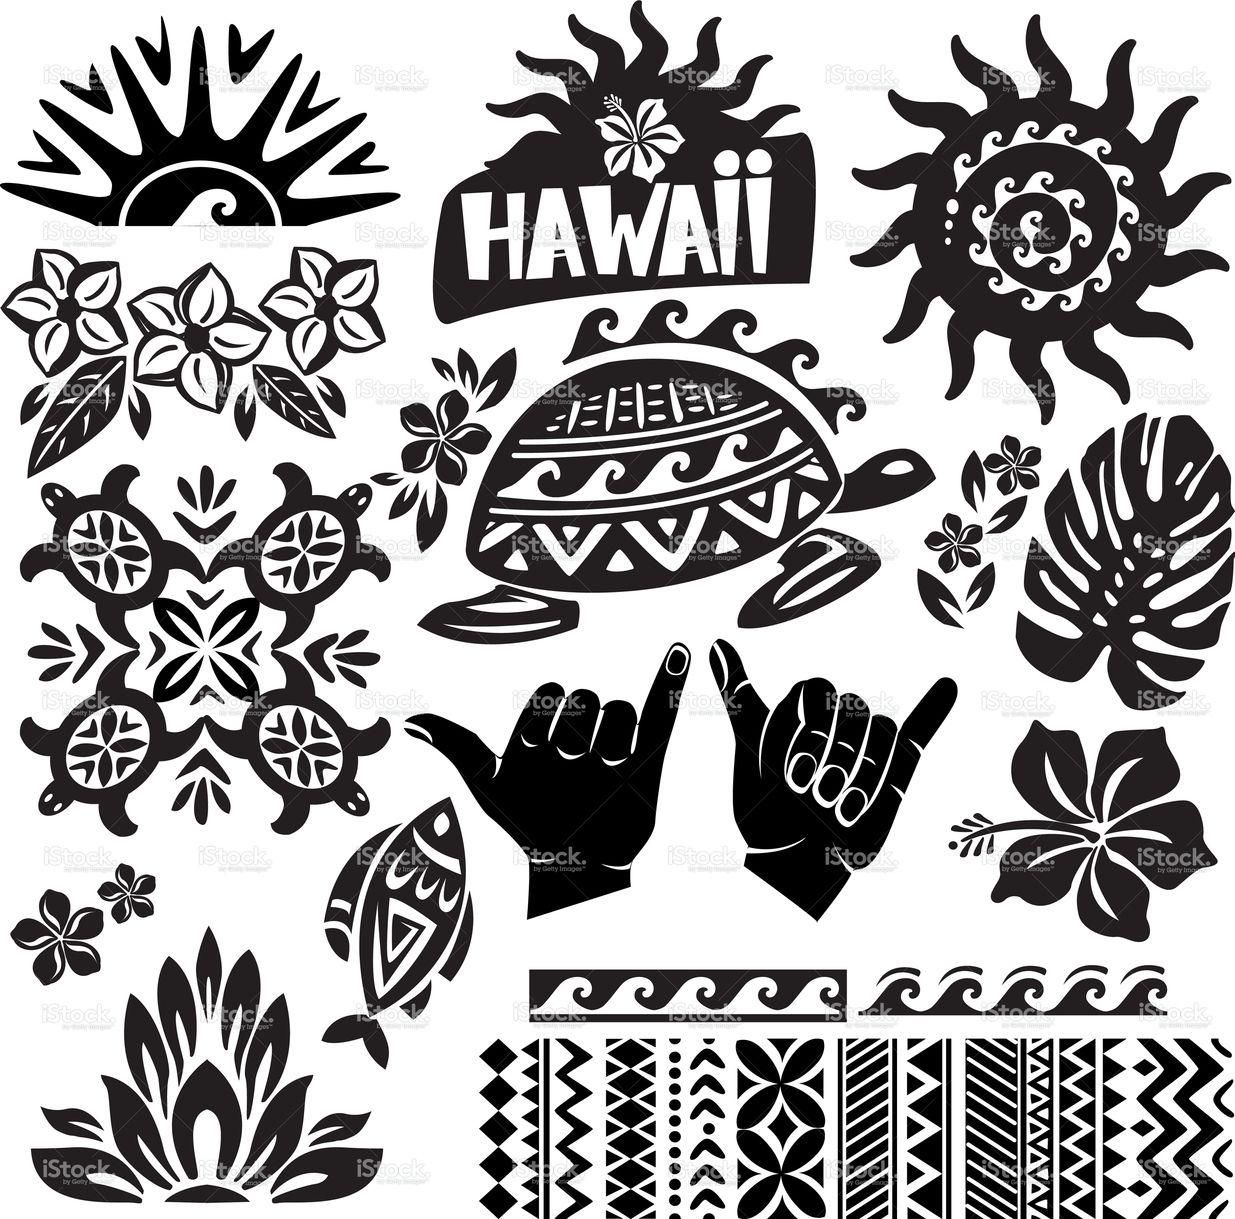 Hawaii Set in black and white Hawaiian tattoo, Hawaii